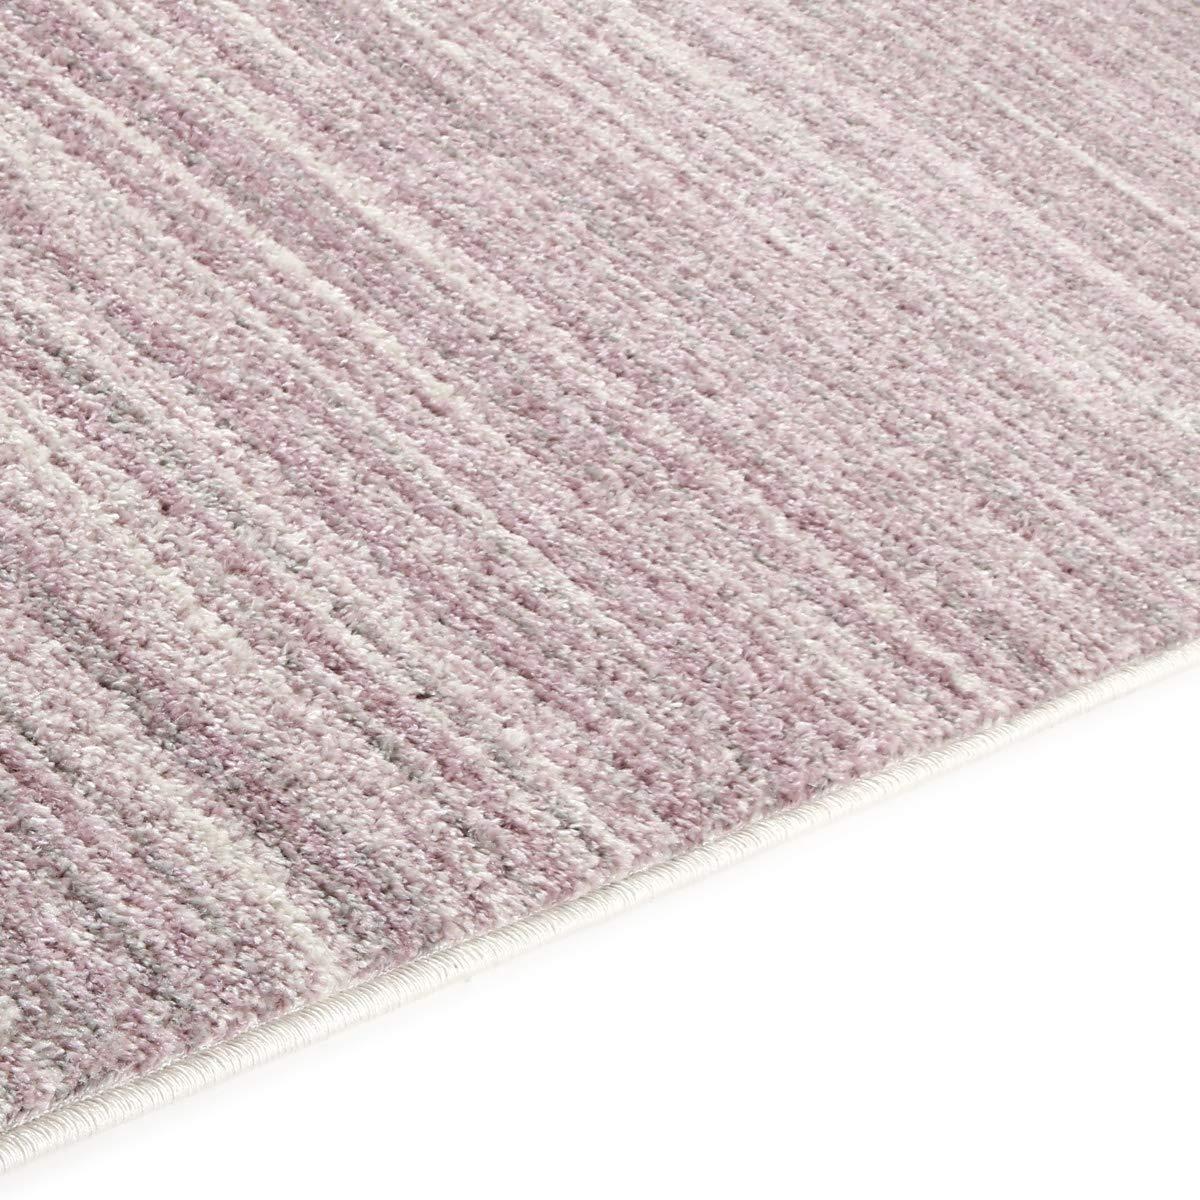 Havatex Moderner Teppich Blaush Streifen - - - Top Trend stylishes Design in Rosa & Creme   weicher Flor & leicht zu reinigen   modern fein gestreift, Farbe Rosa, Größe 160 x 230 cm B07MMMW45S Teppiche e0aa82